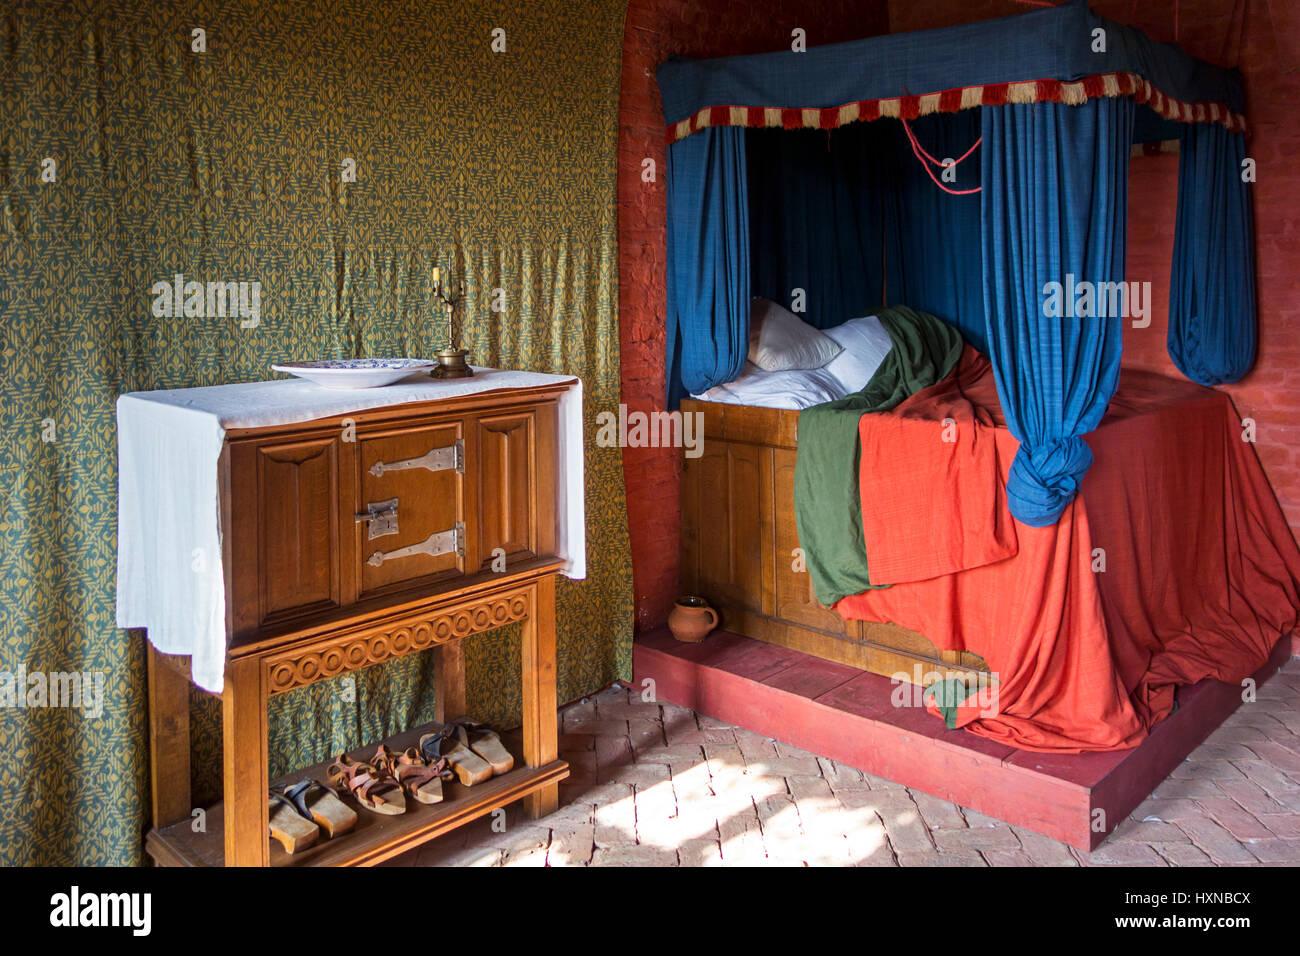 Mittelalter Bett Kaufen ~ Bunte mittelalterliche drapierten bettgestell bett aus dem